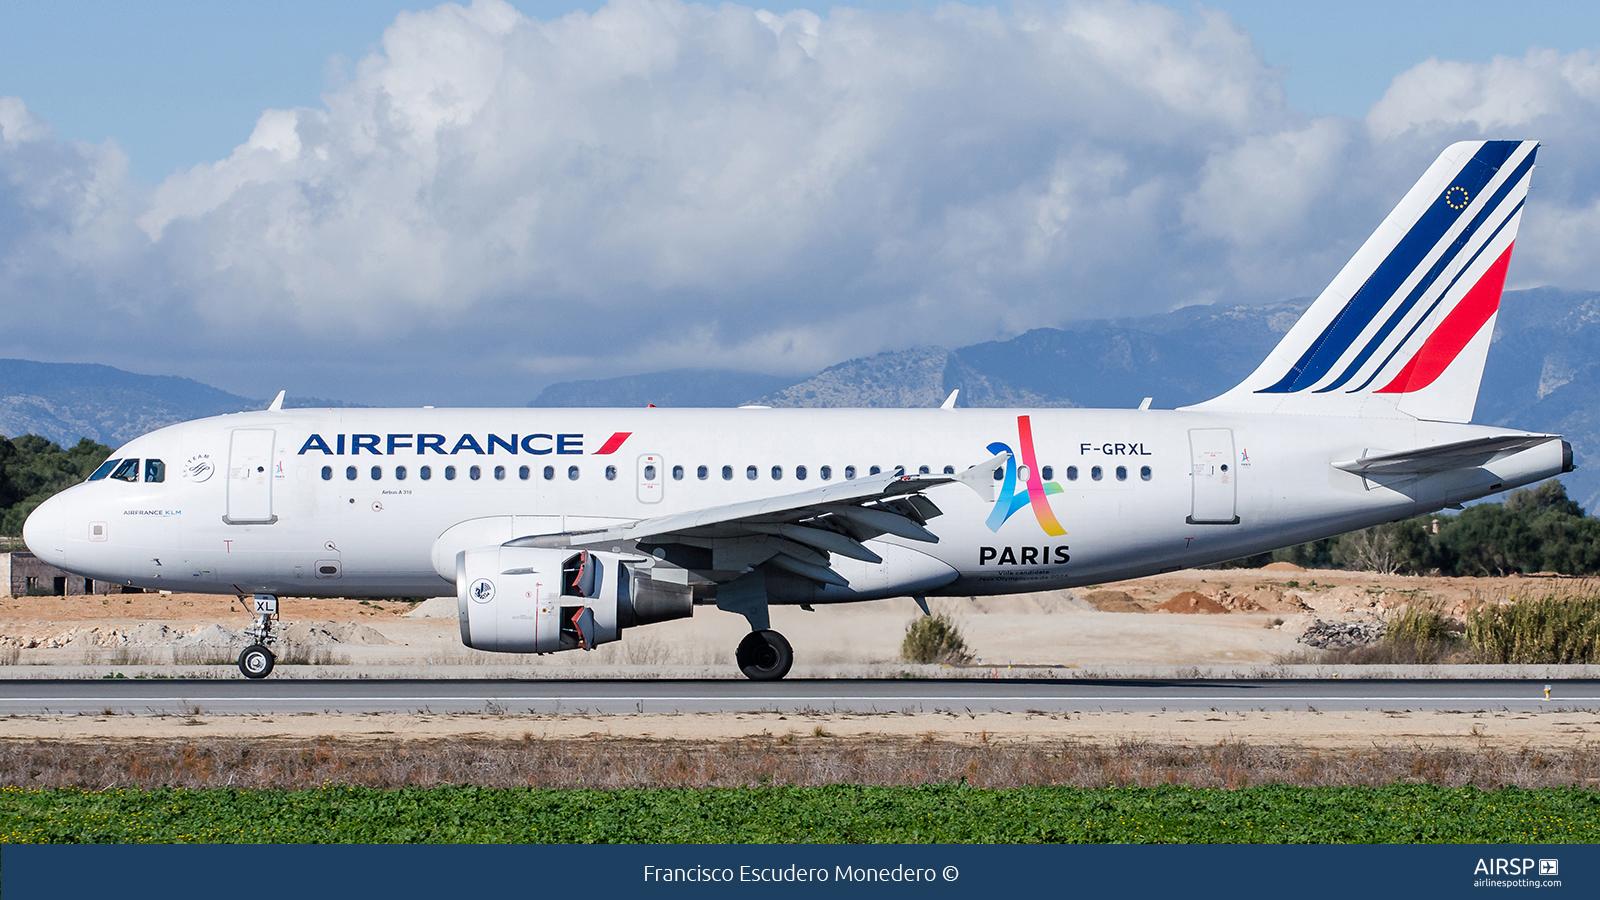 Air FranceAirbus A319F-GRXL